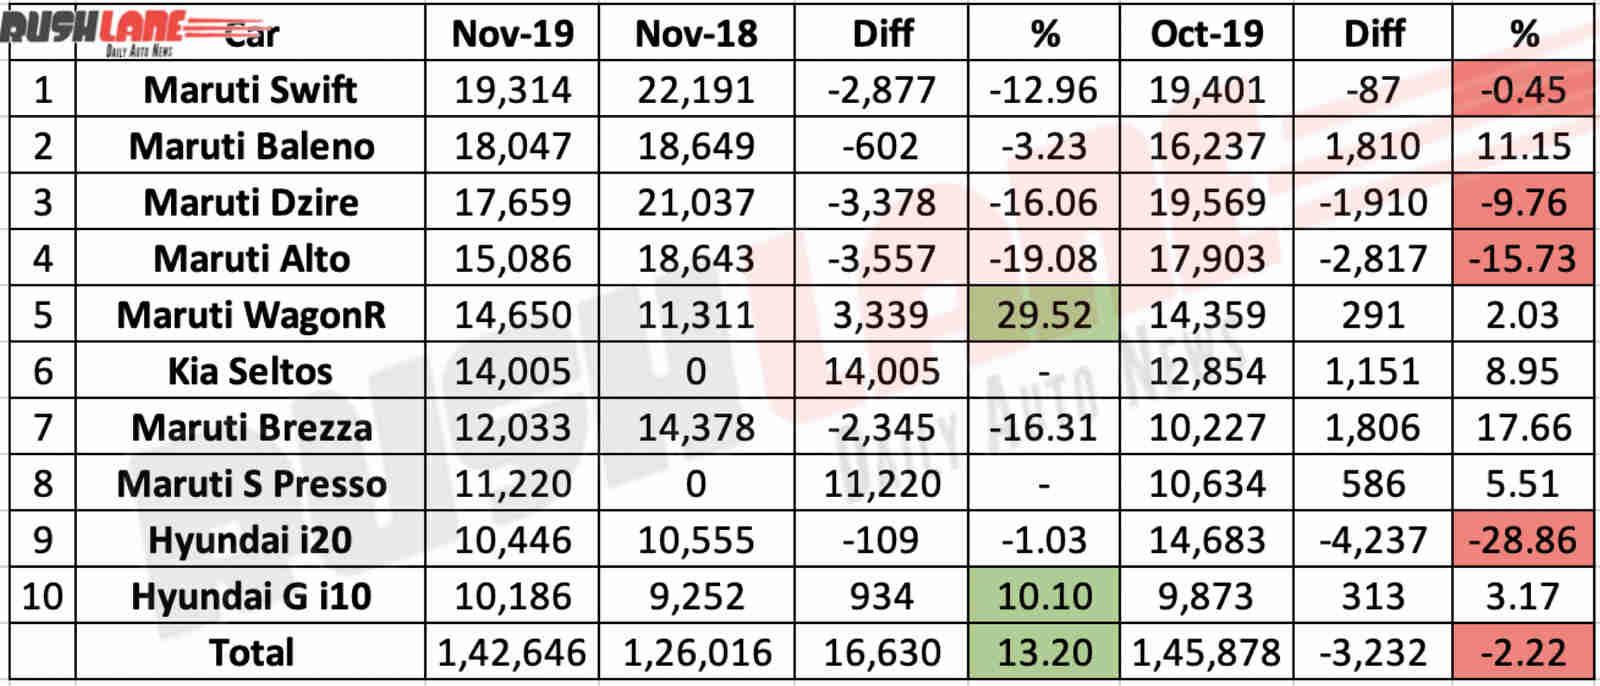 Top 10 cars India Nov 2019